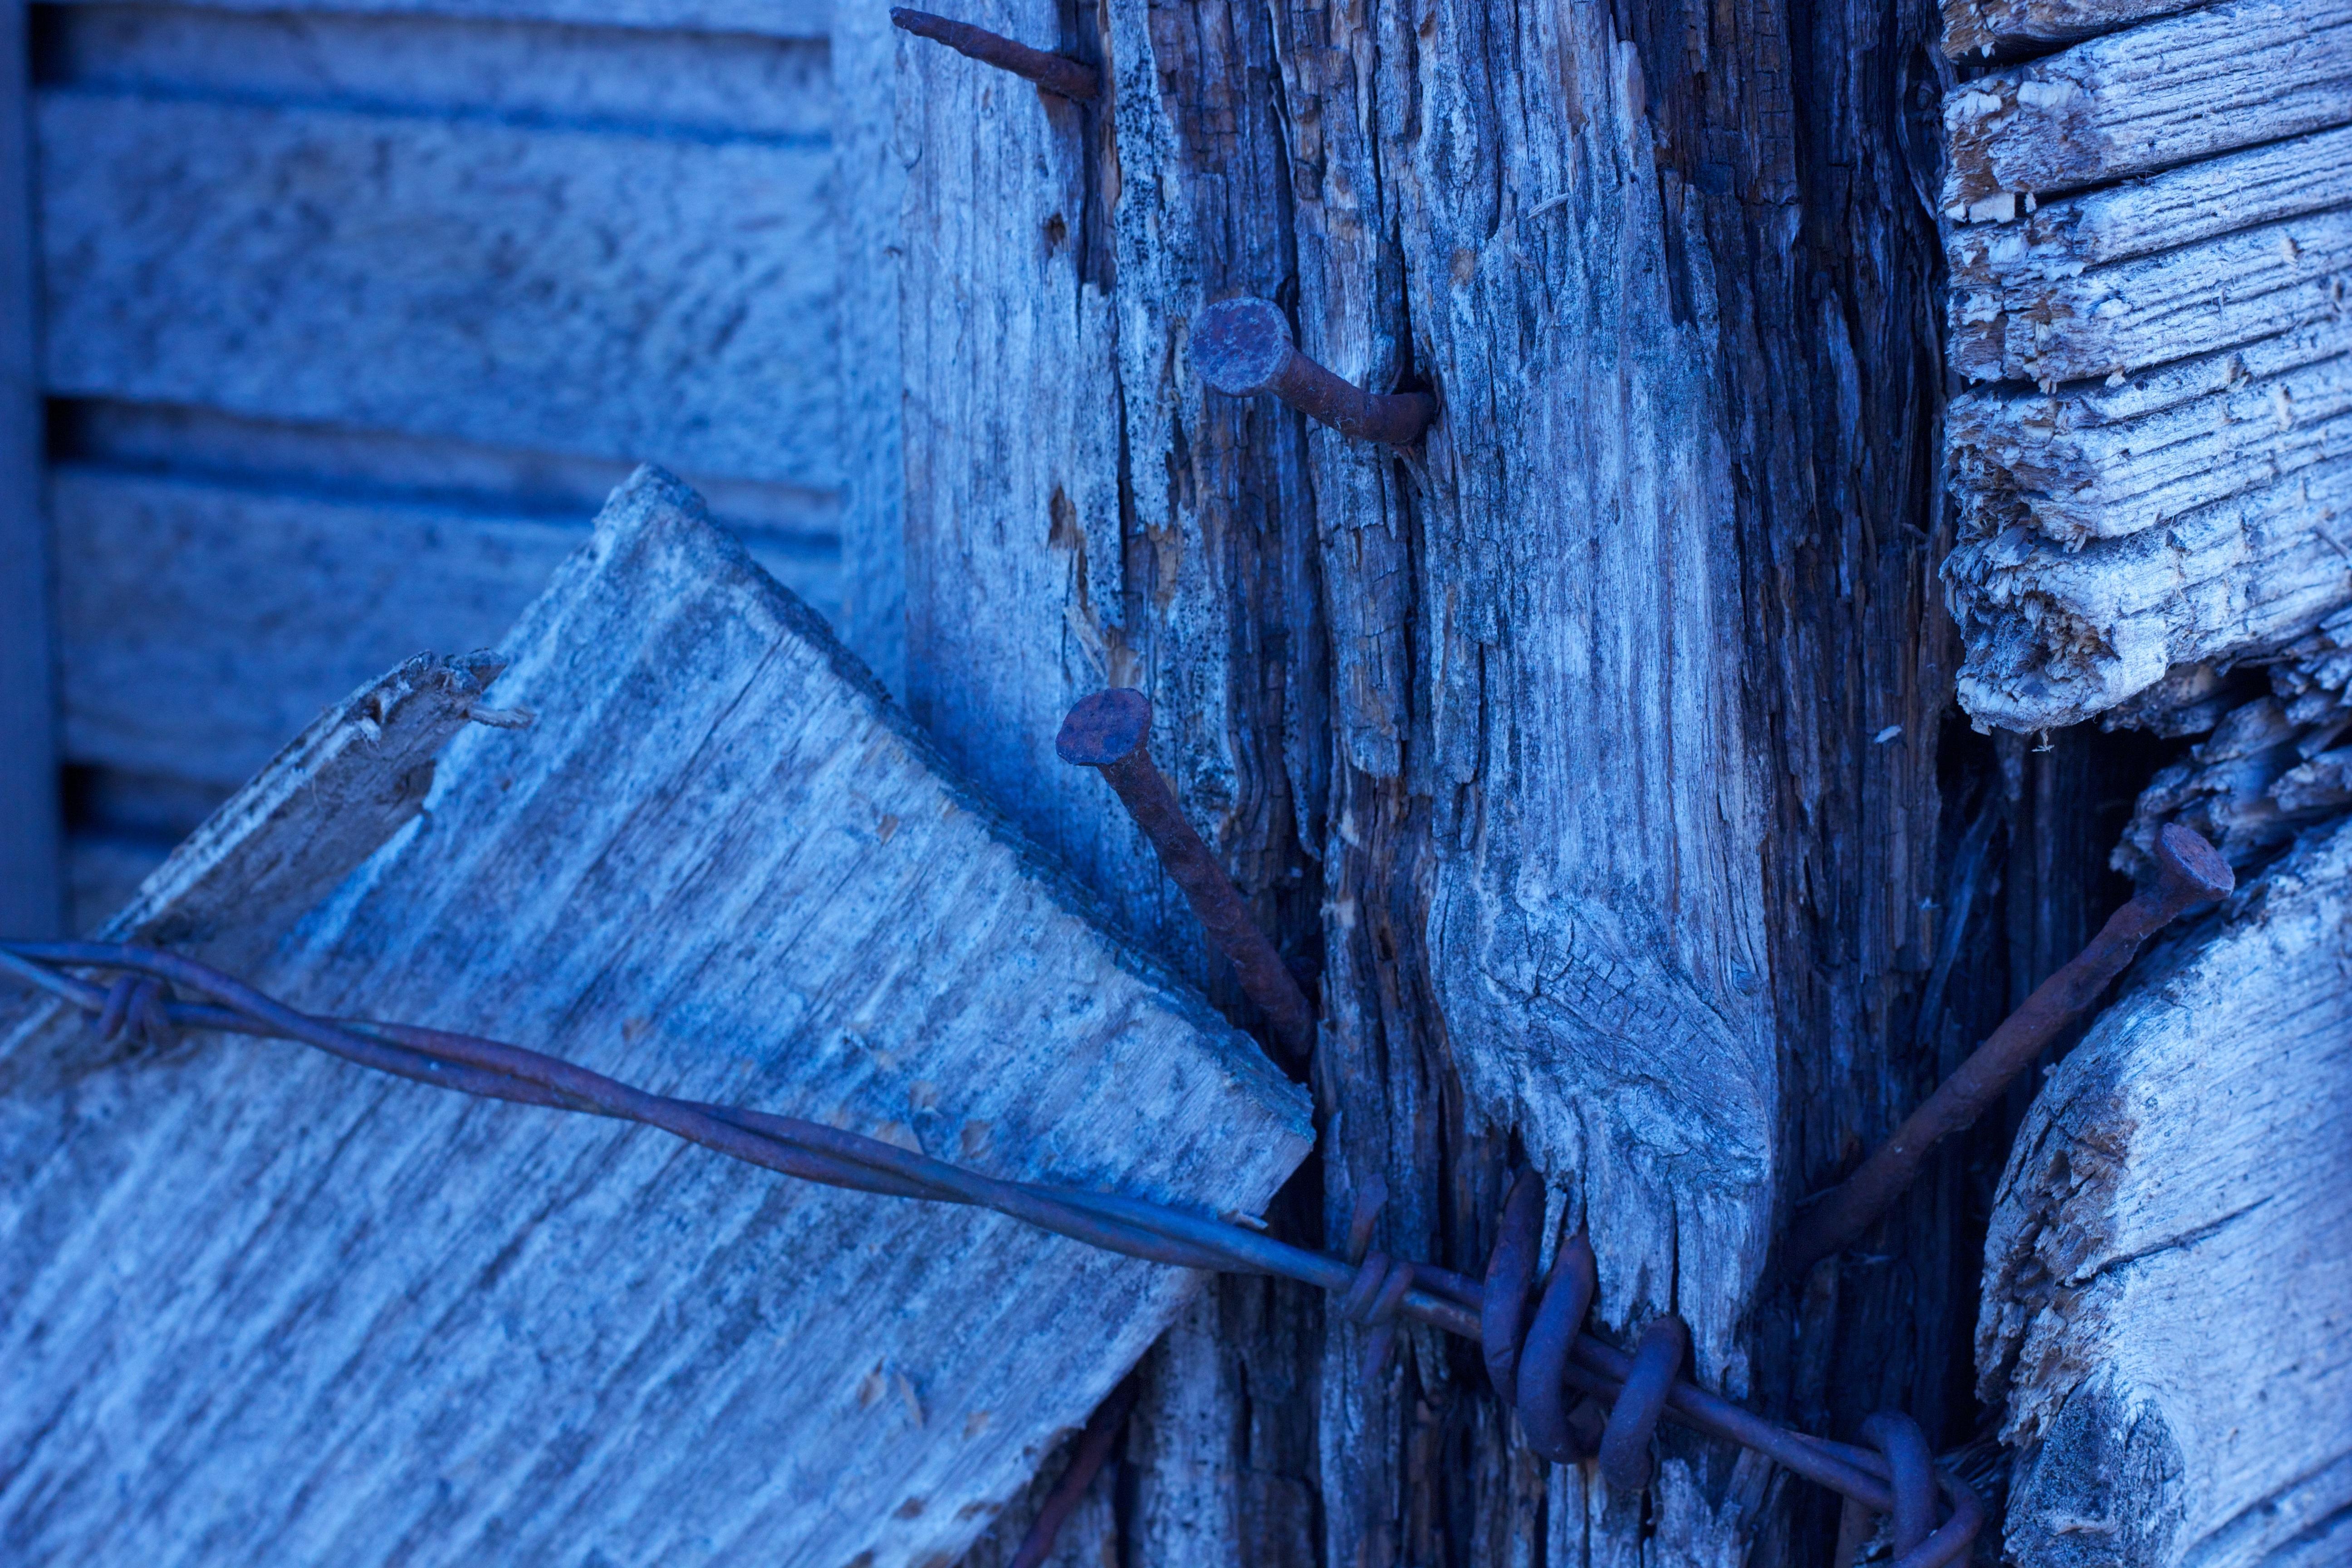 Kostenlose foto : Winter, Stacheldraht, Holz, Jahrgang, Landschaft ...